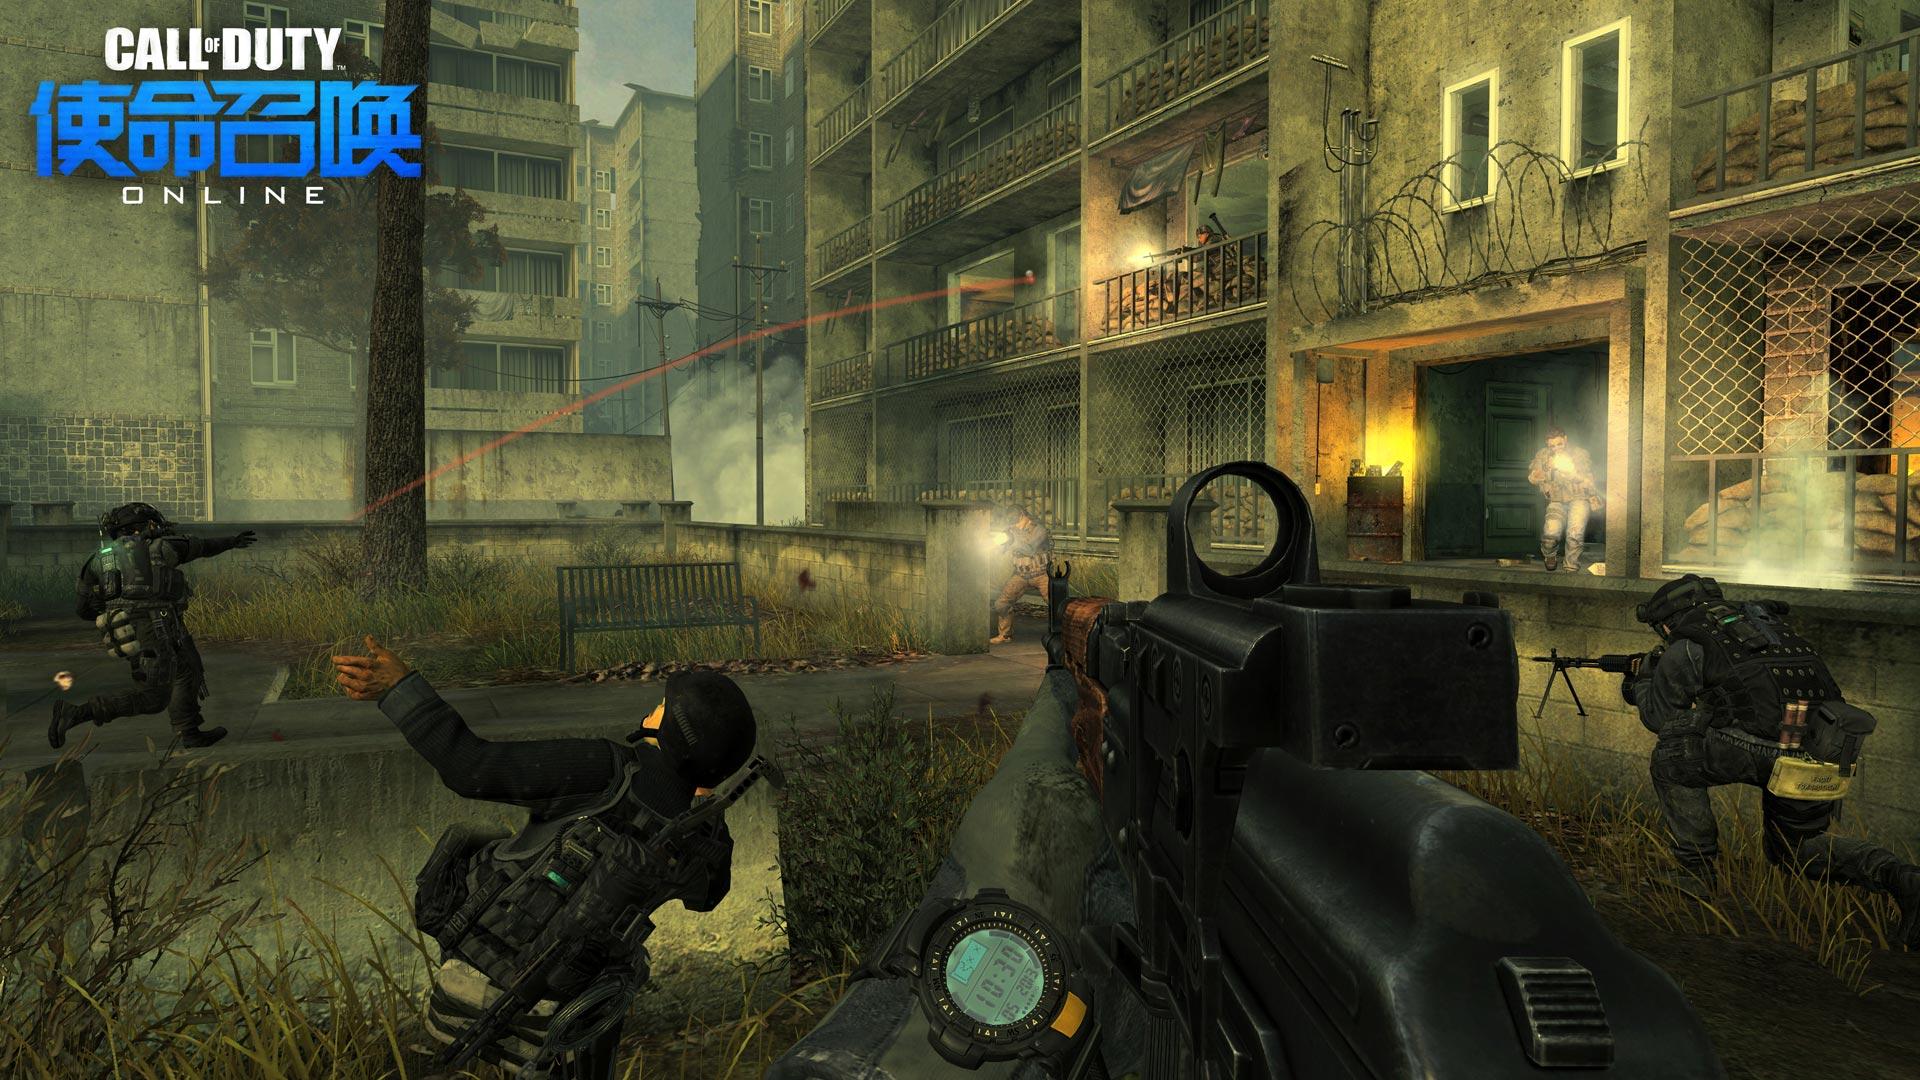 call-of-duty-online-screenshot-006